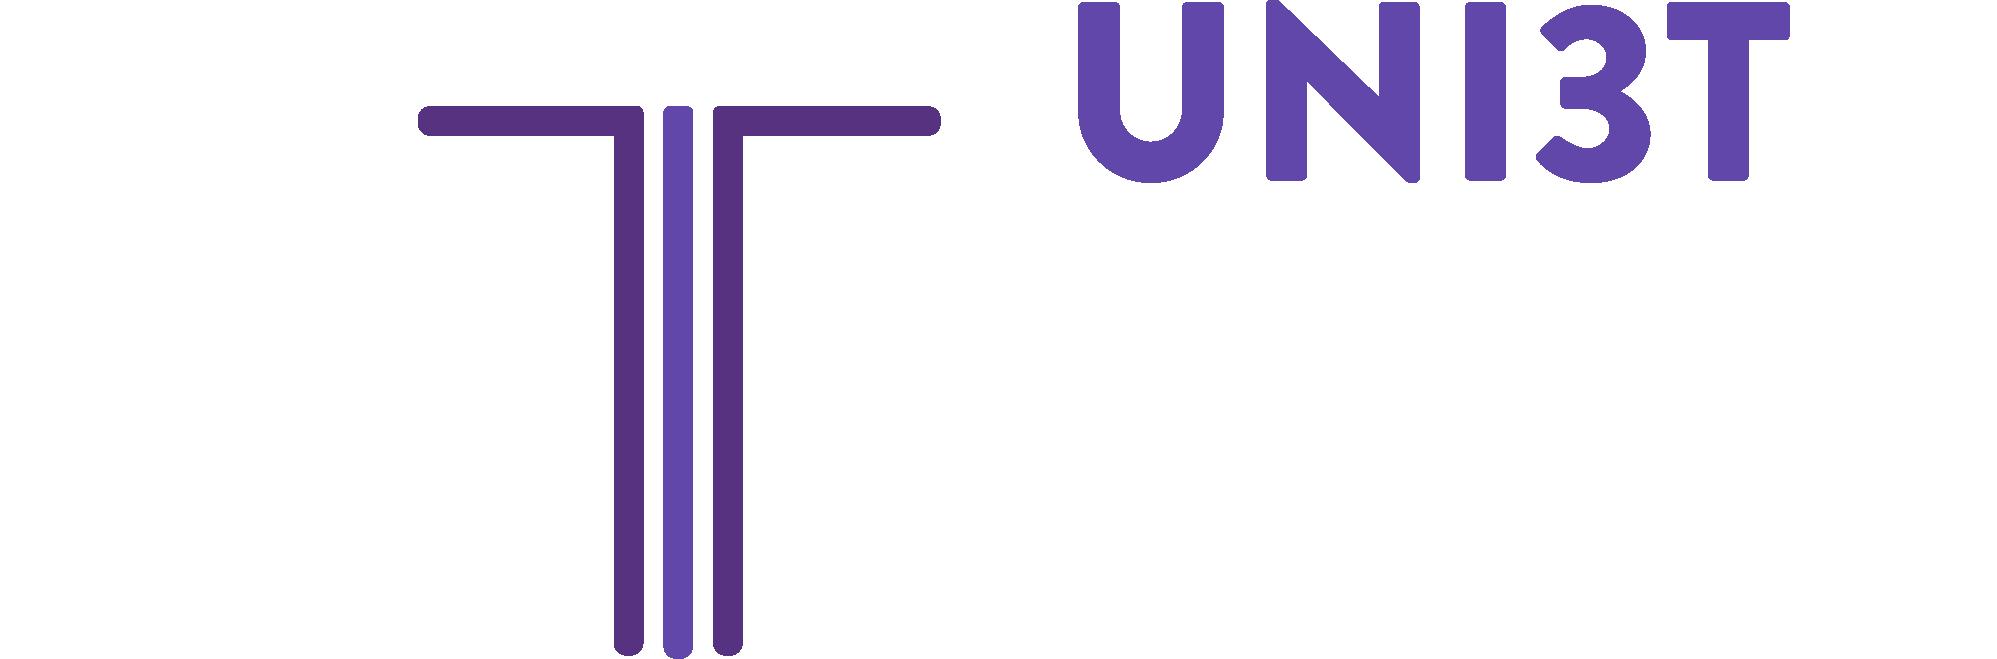 Uni3t slogan